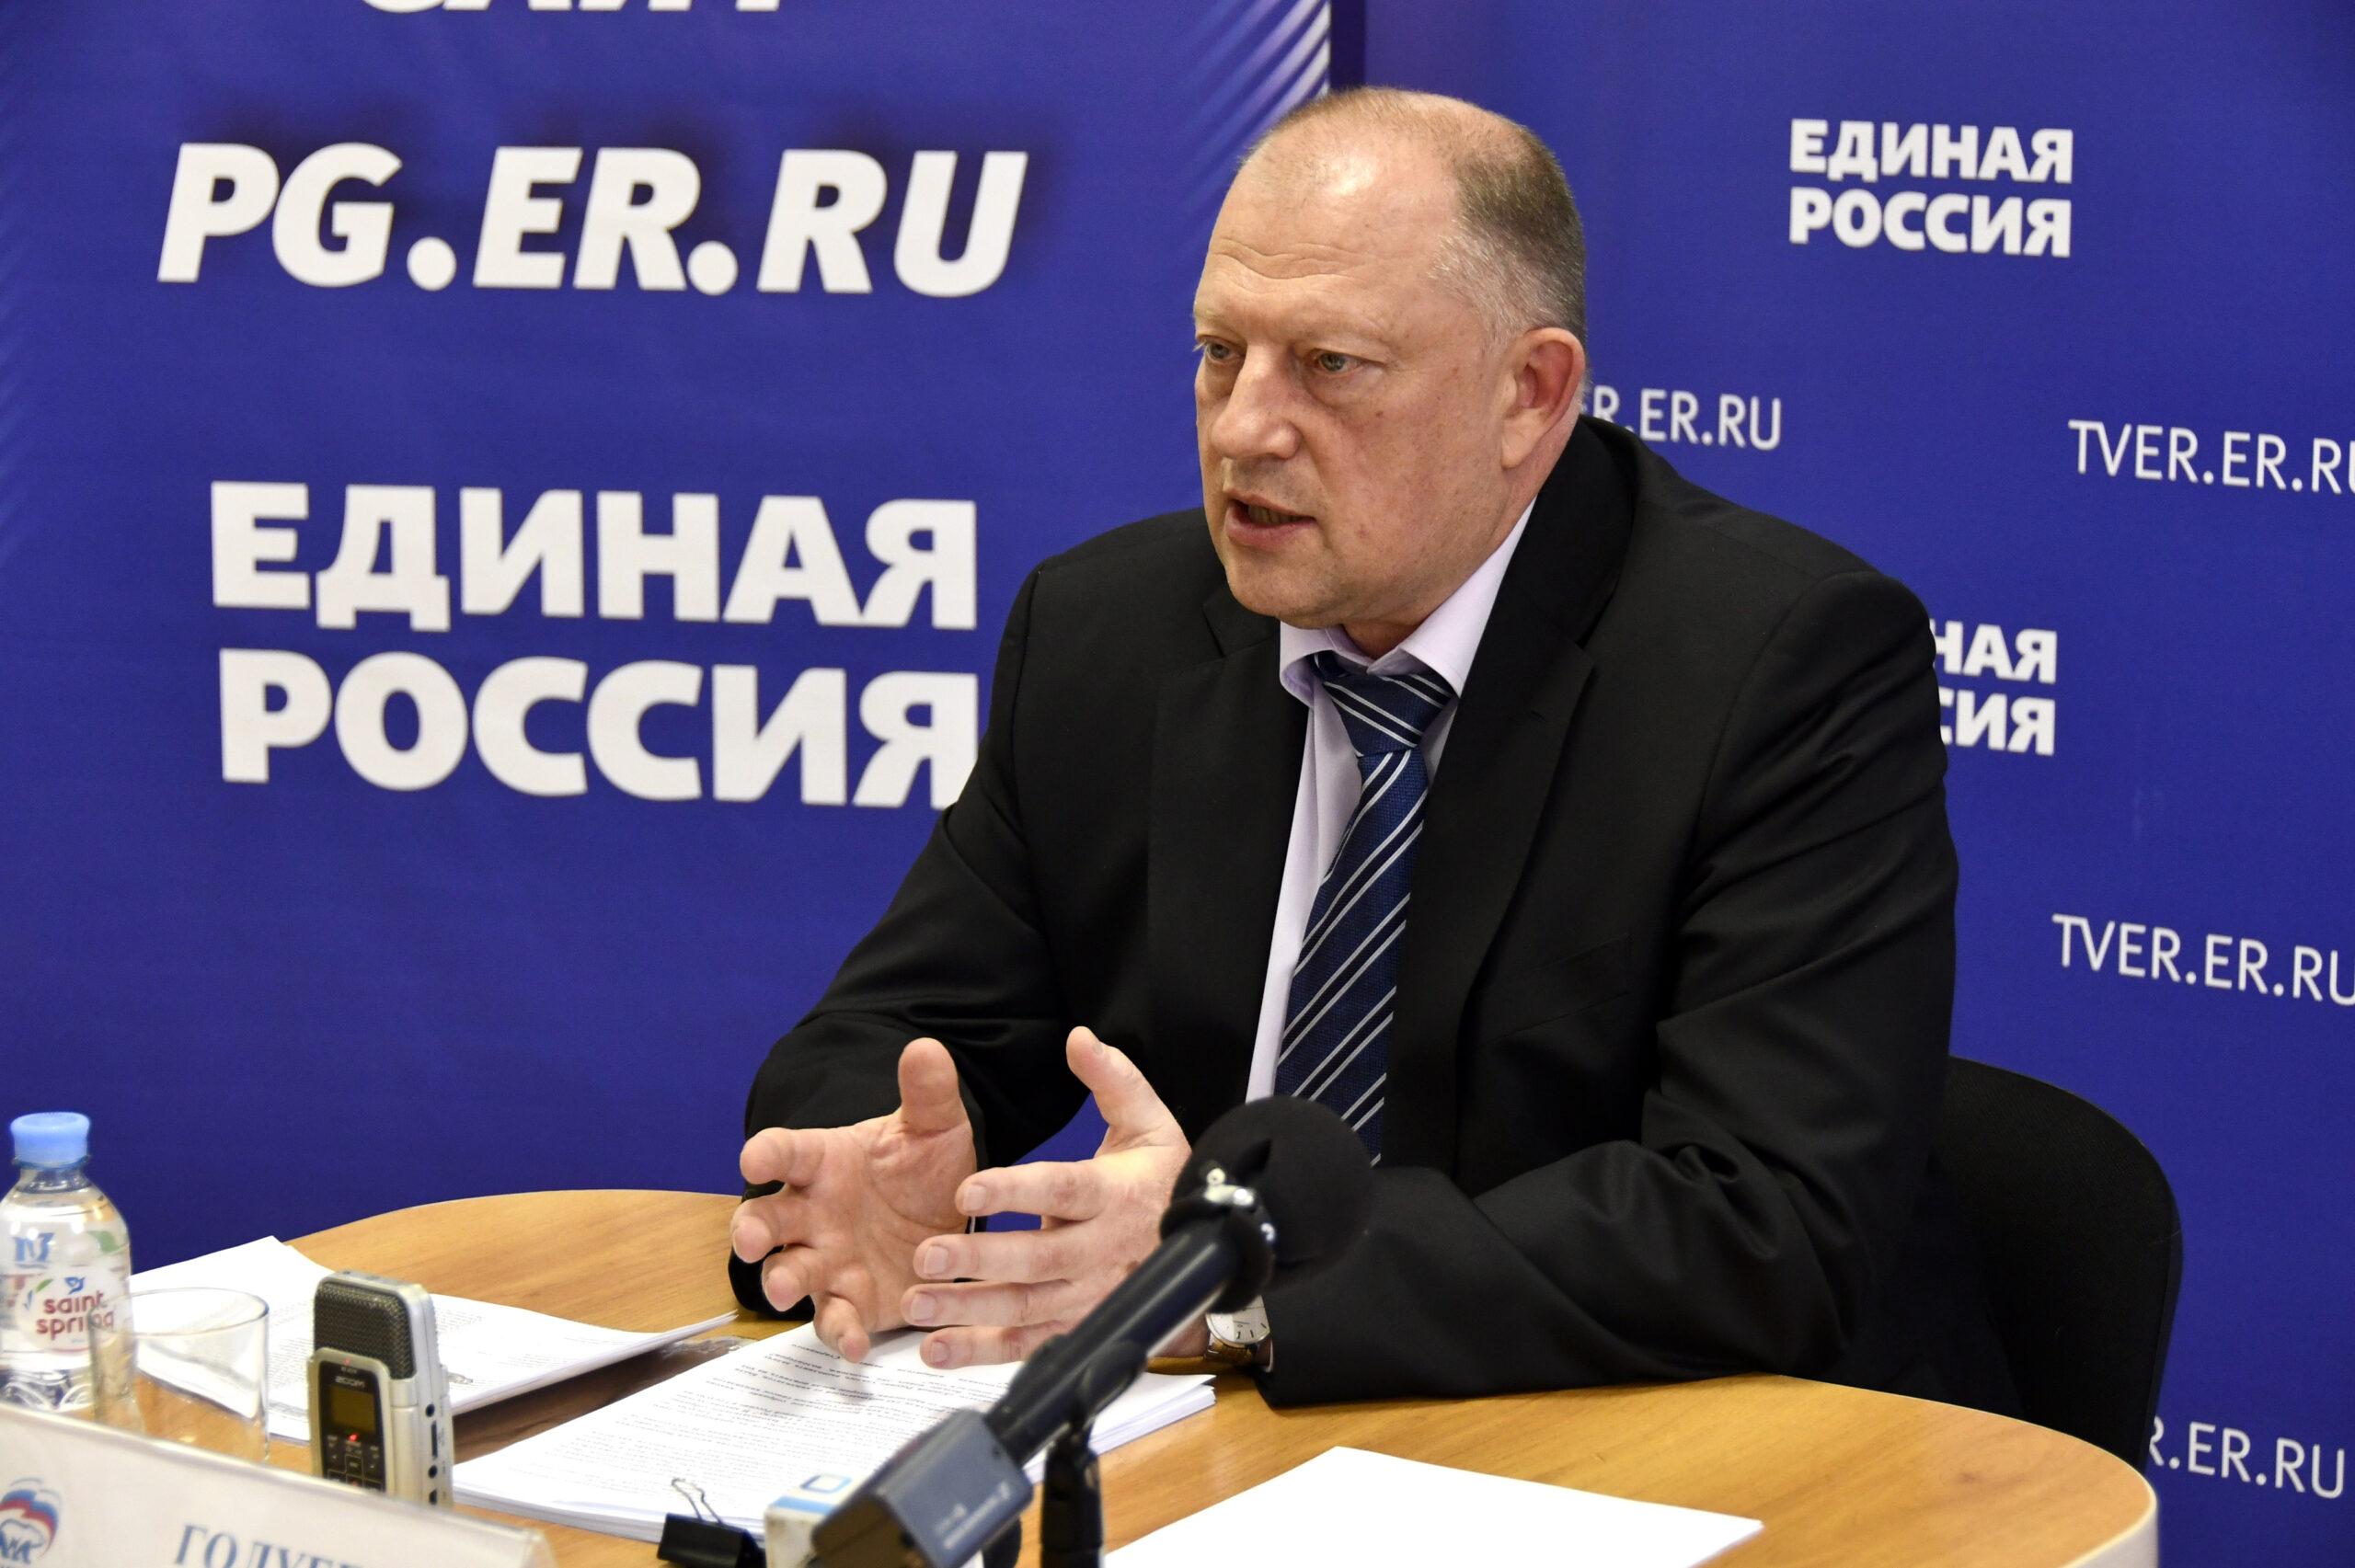 В Тверской области утверждены итоги предварительного голосования